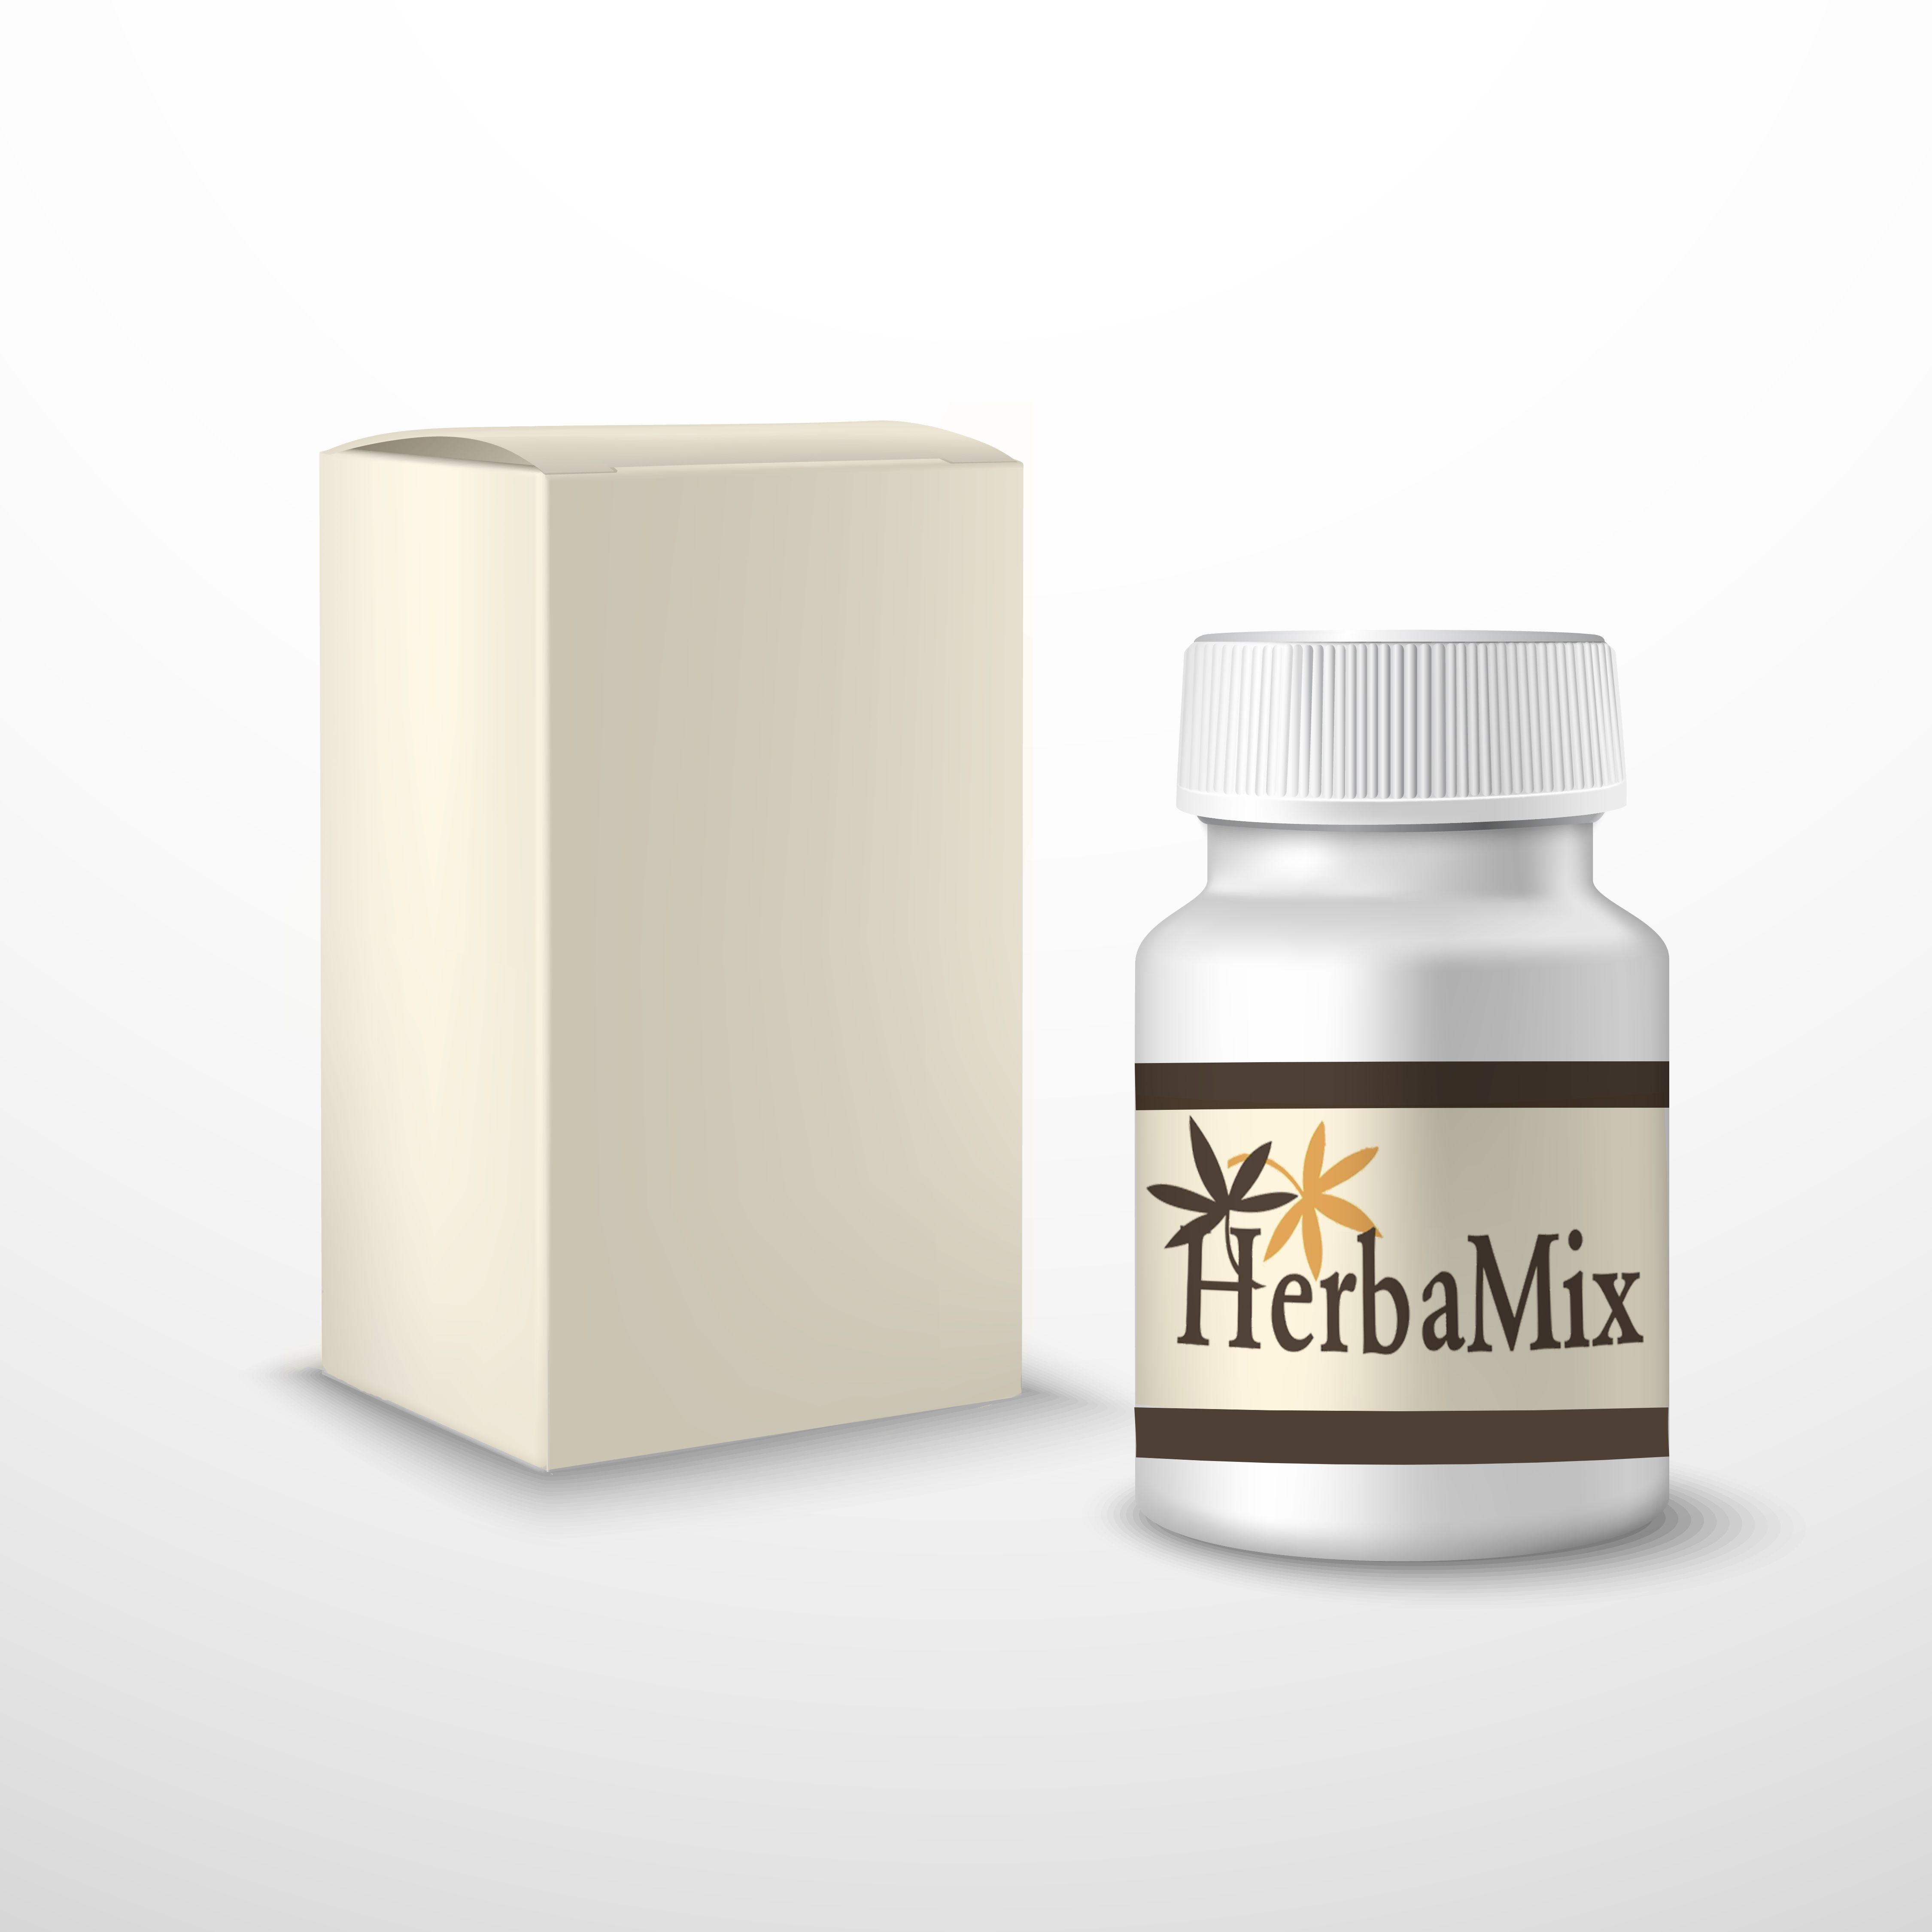 pote-herbamix.jpg